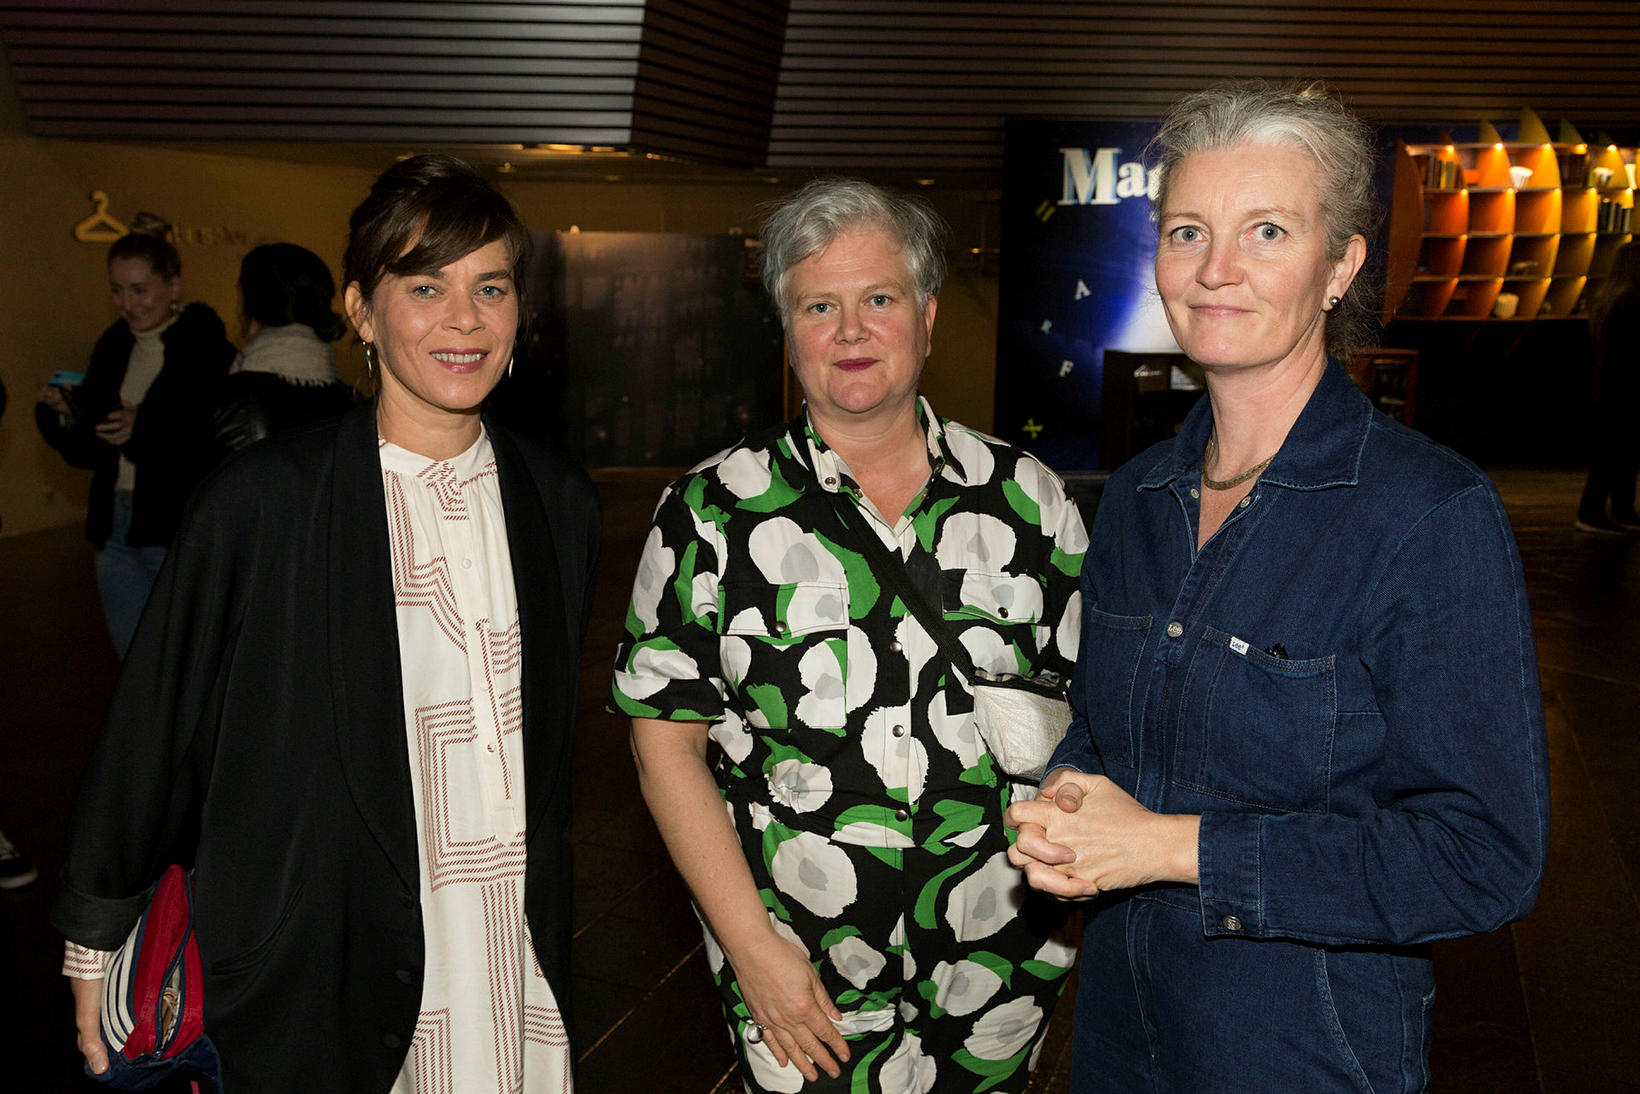 Margrét Örnólfsdóttir, Steinunn Knútsdóttir og Halldóra Geirharðsdóttir.